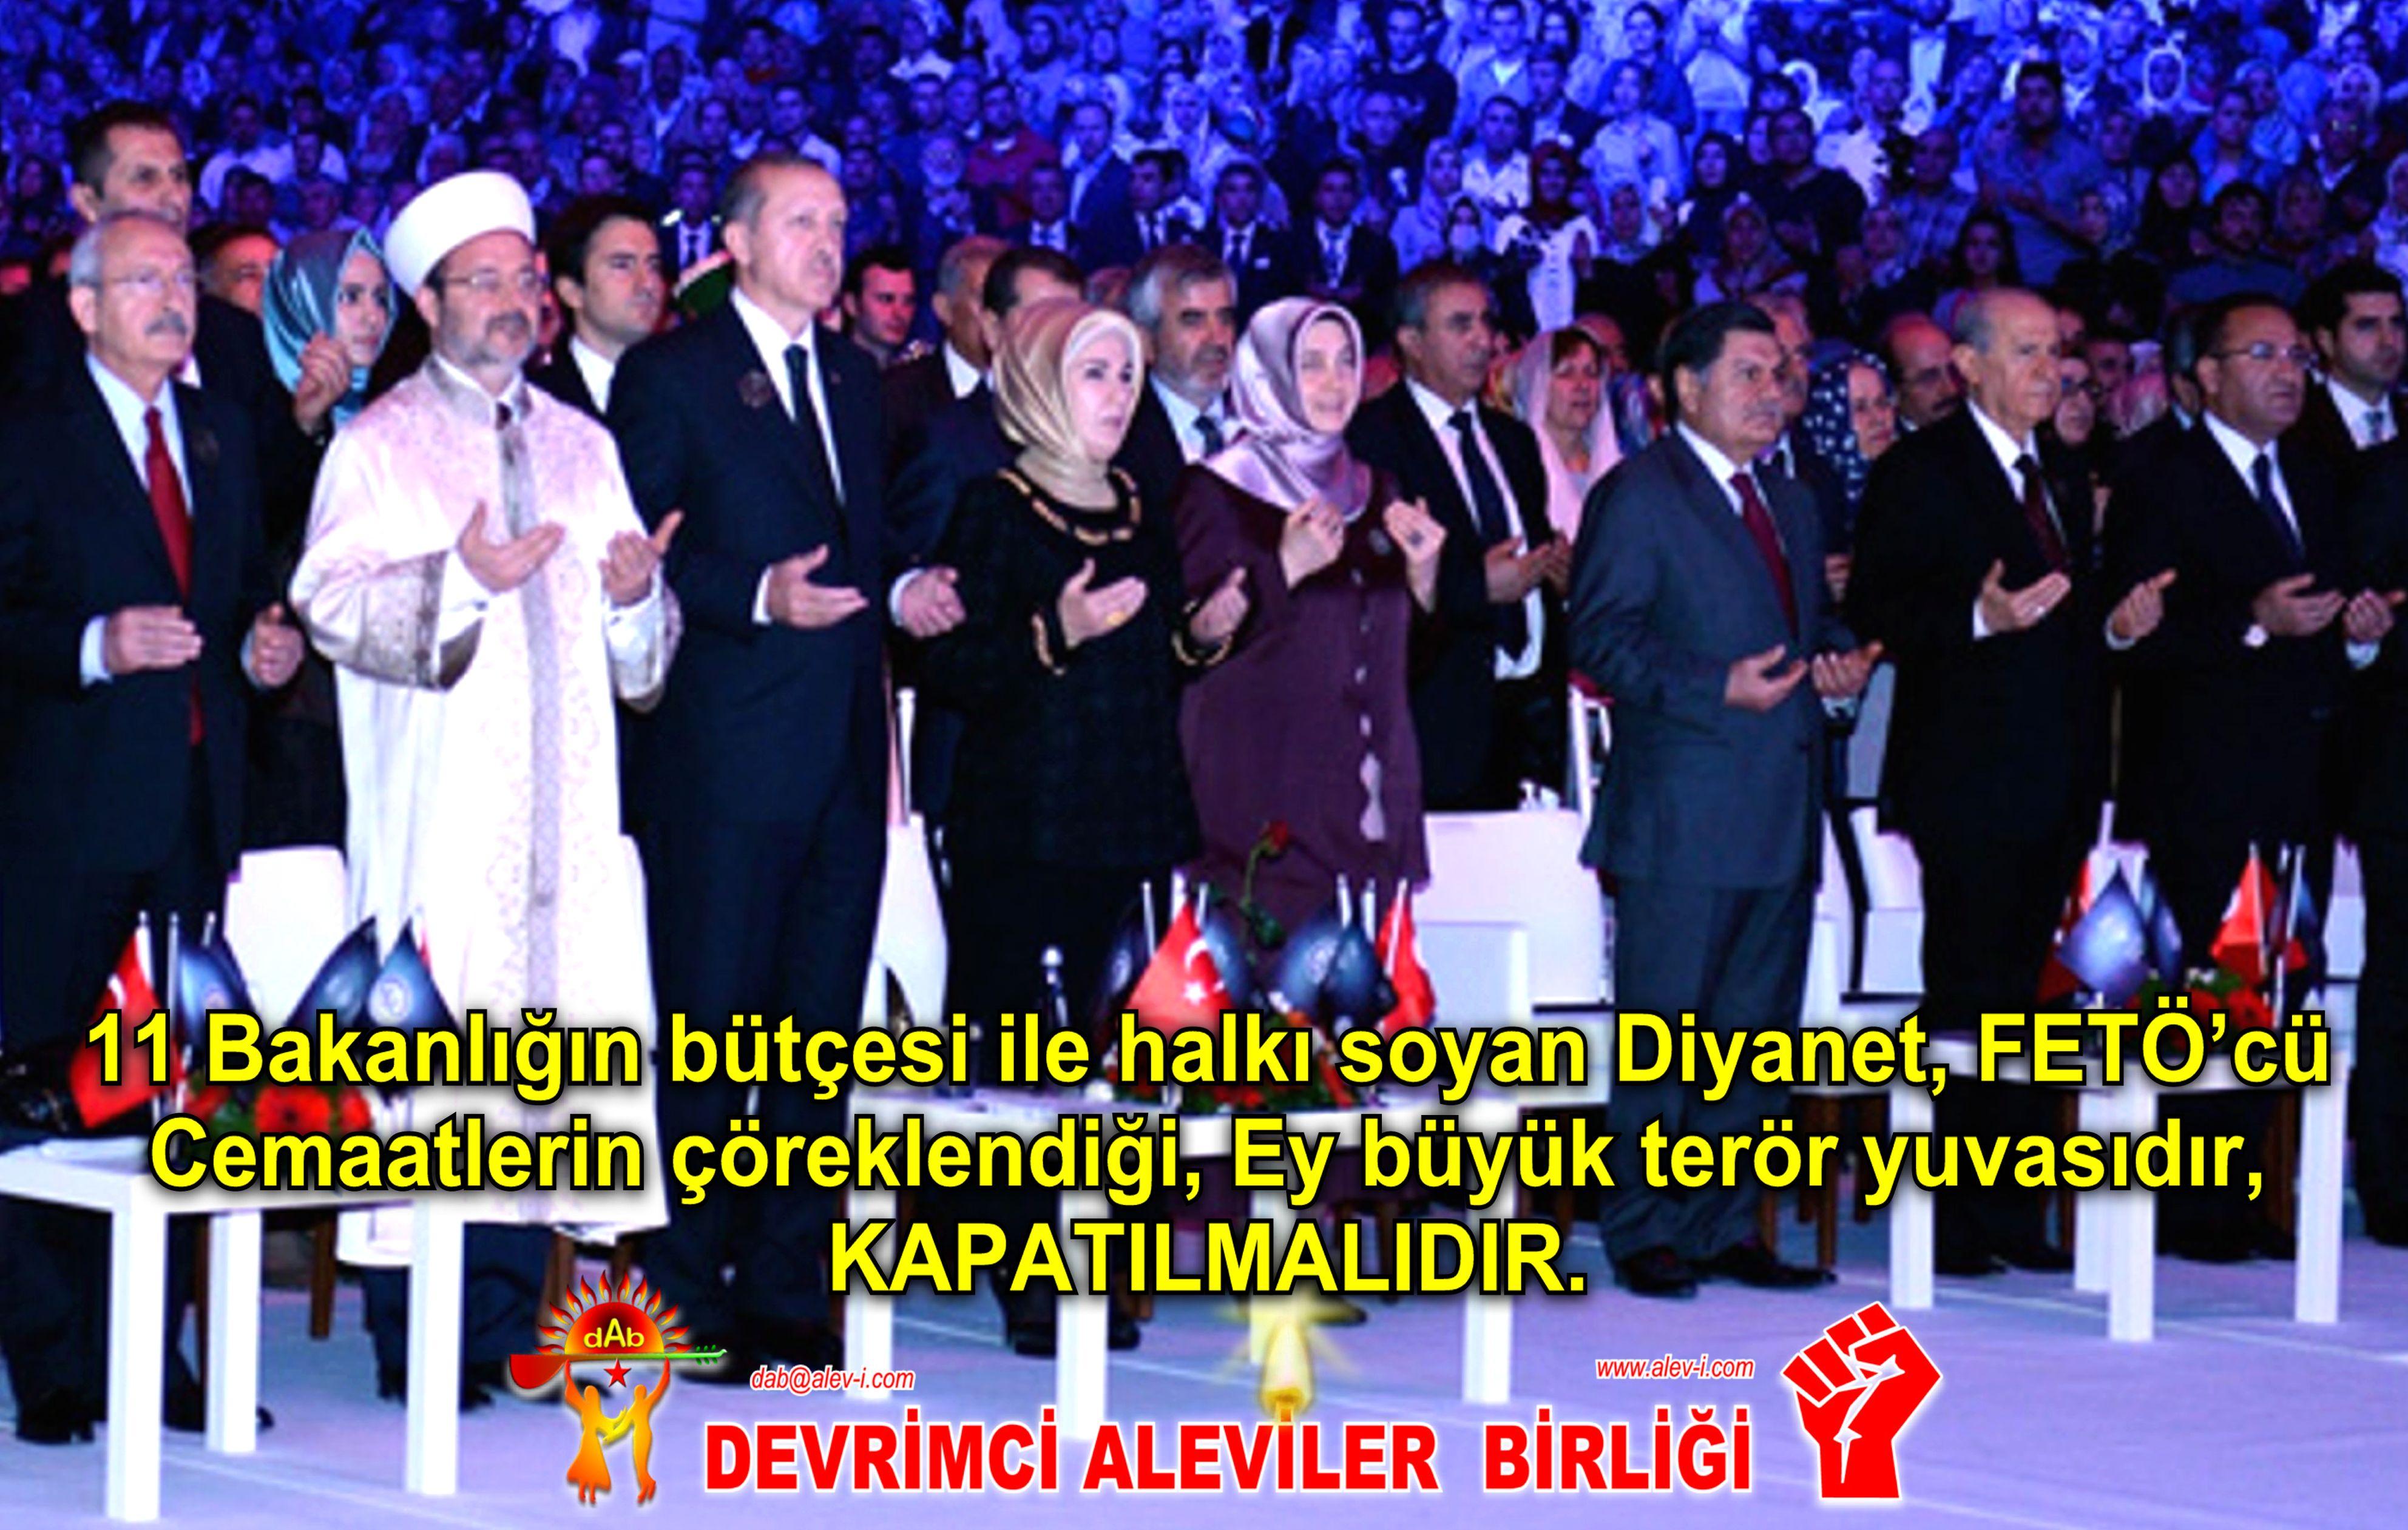 Devrimci Aleviler Birliği DAB Alevi Kızılbaş Bektaşi pir sultan cem hz Ali 12 imam semah Feramuz Şah Acar dib diyanet feto teror yuvasi